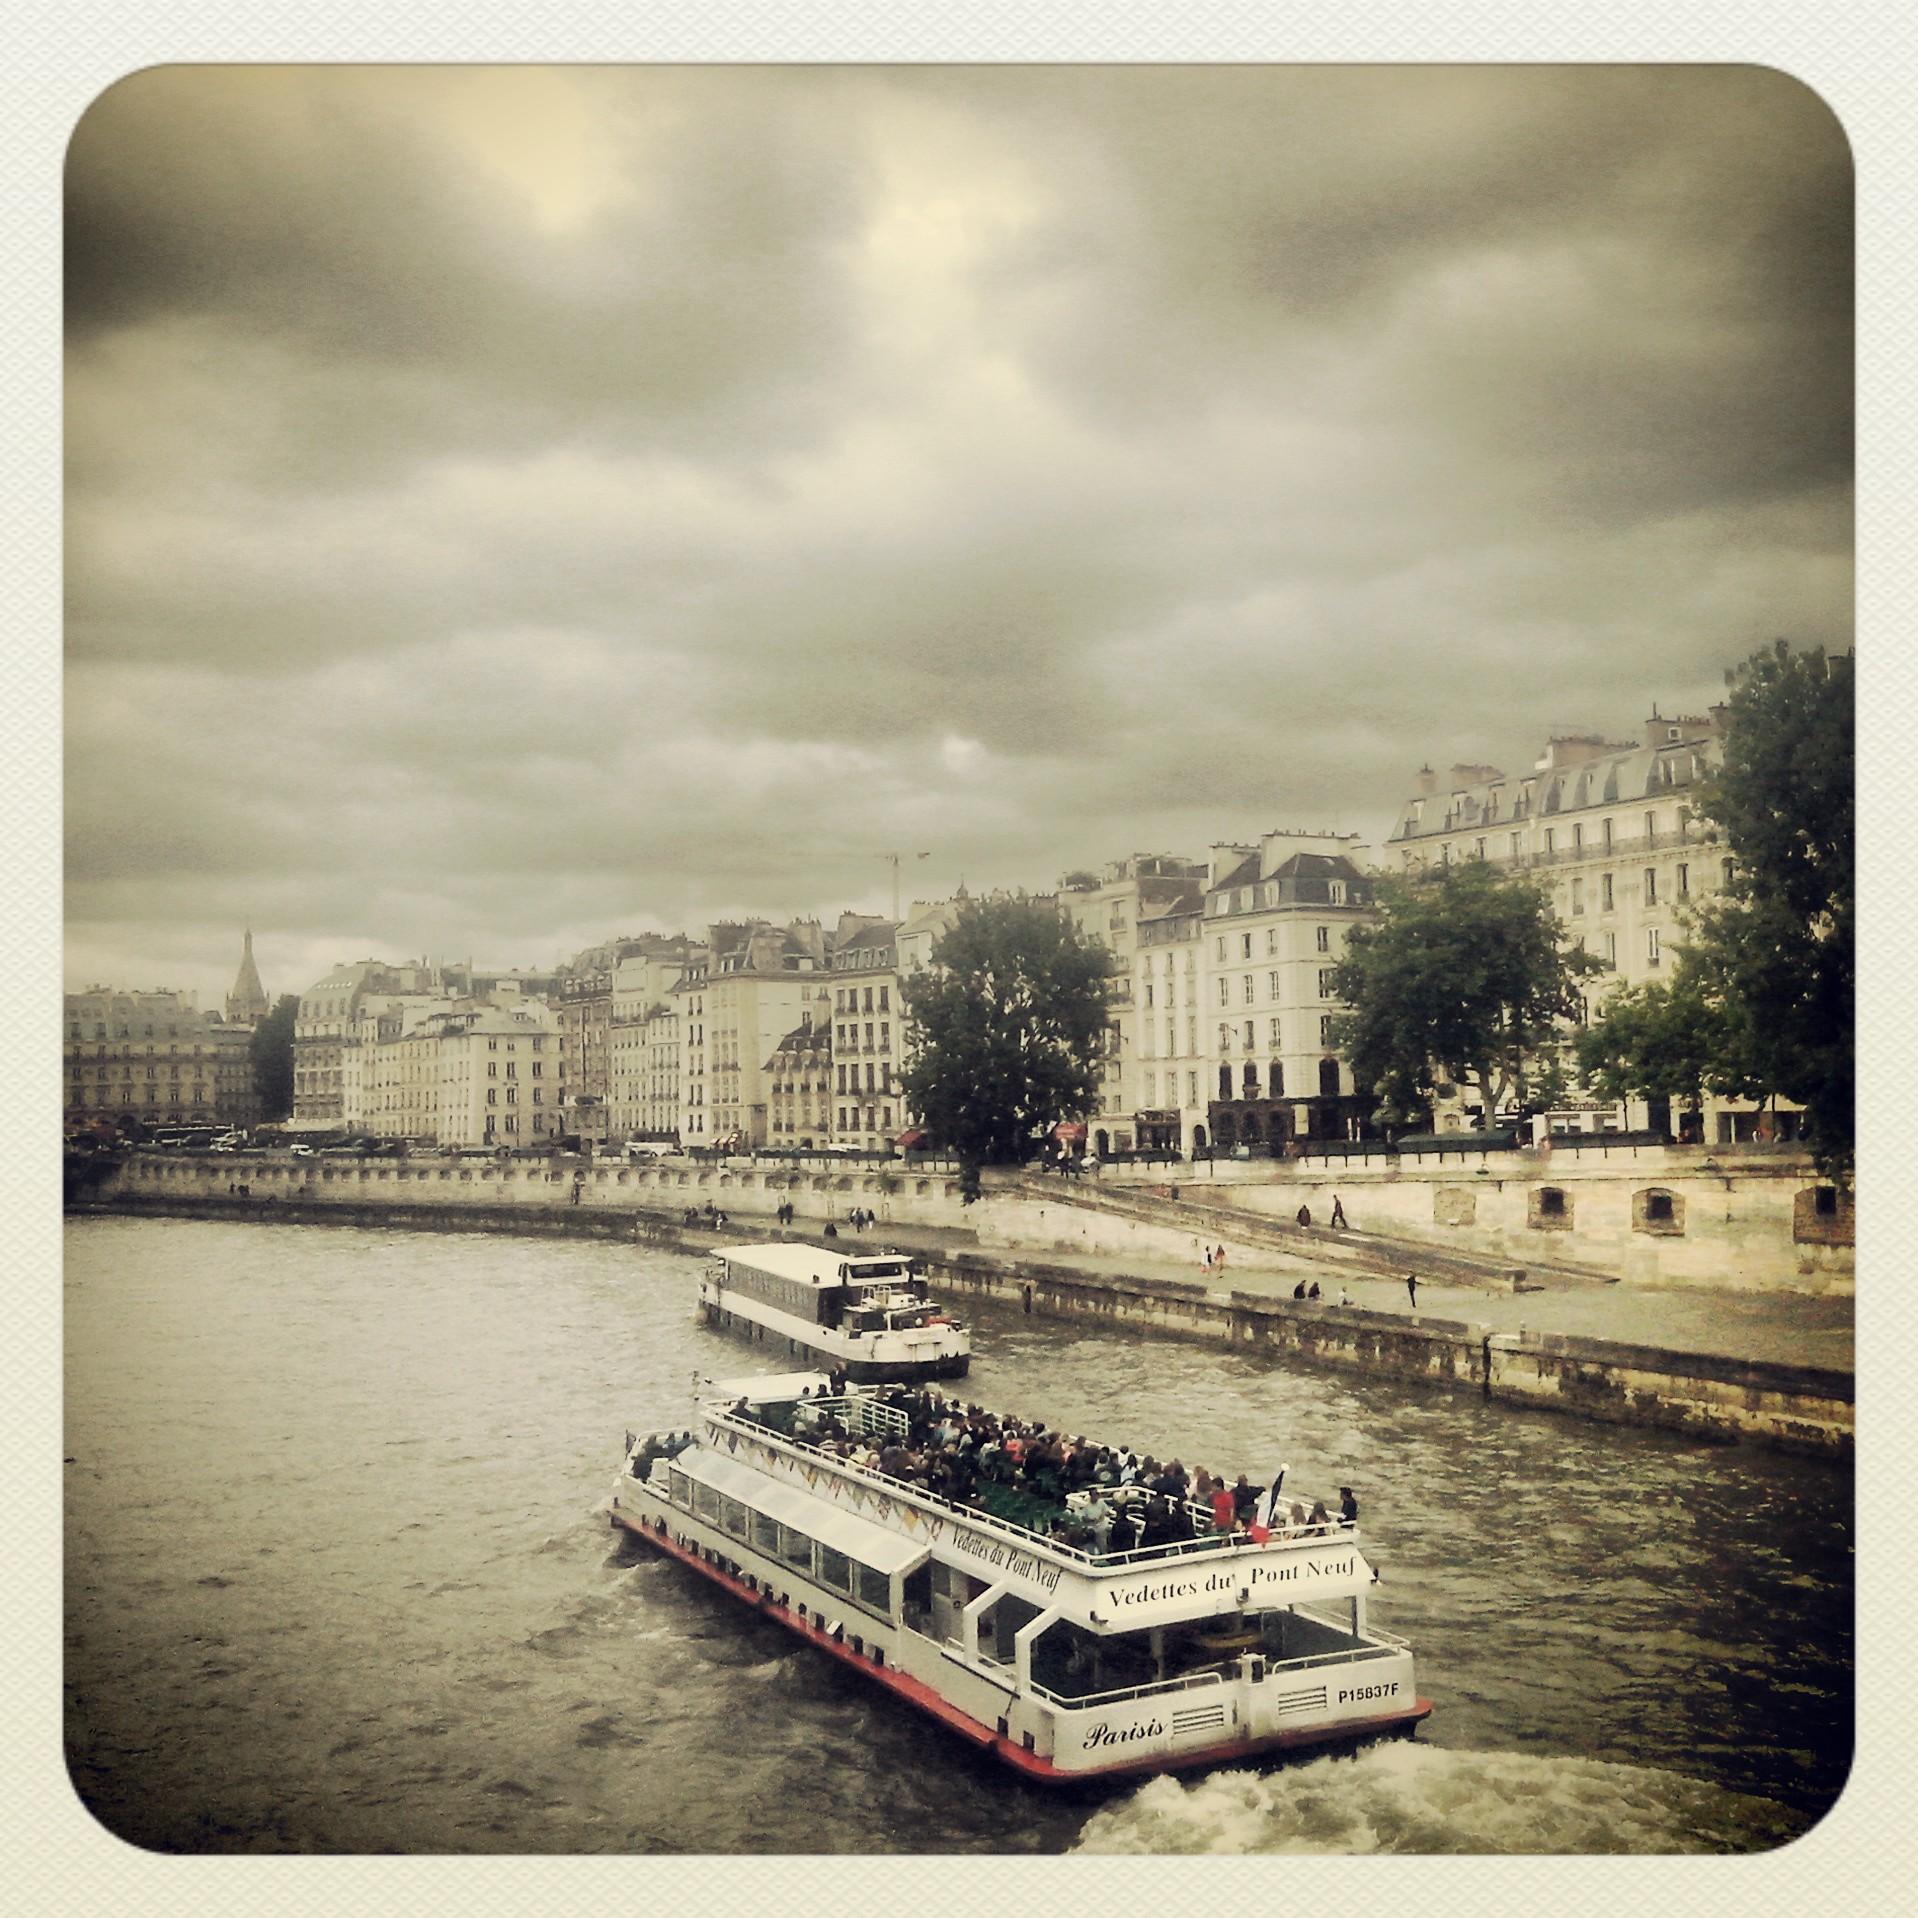 Paris, France. Crédit photo : Pascaline